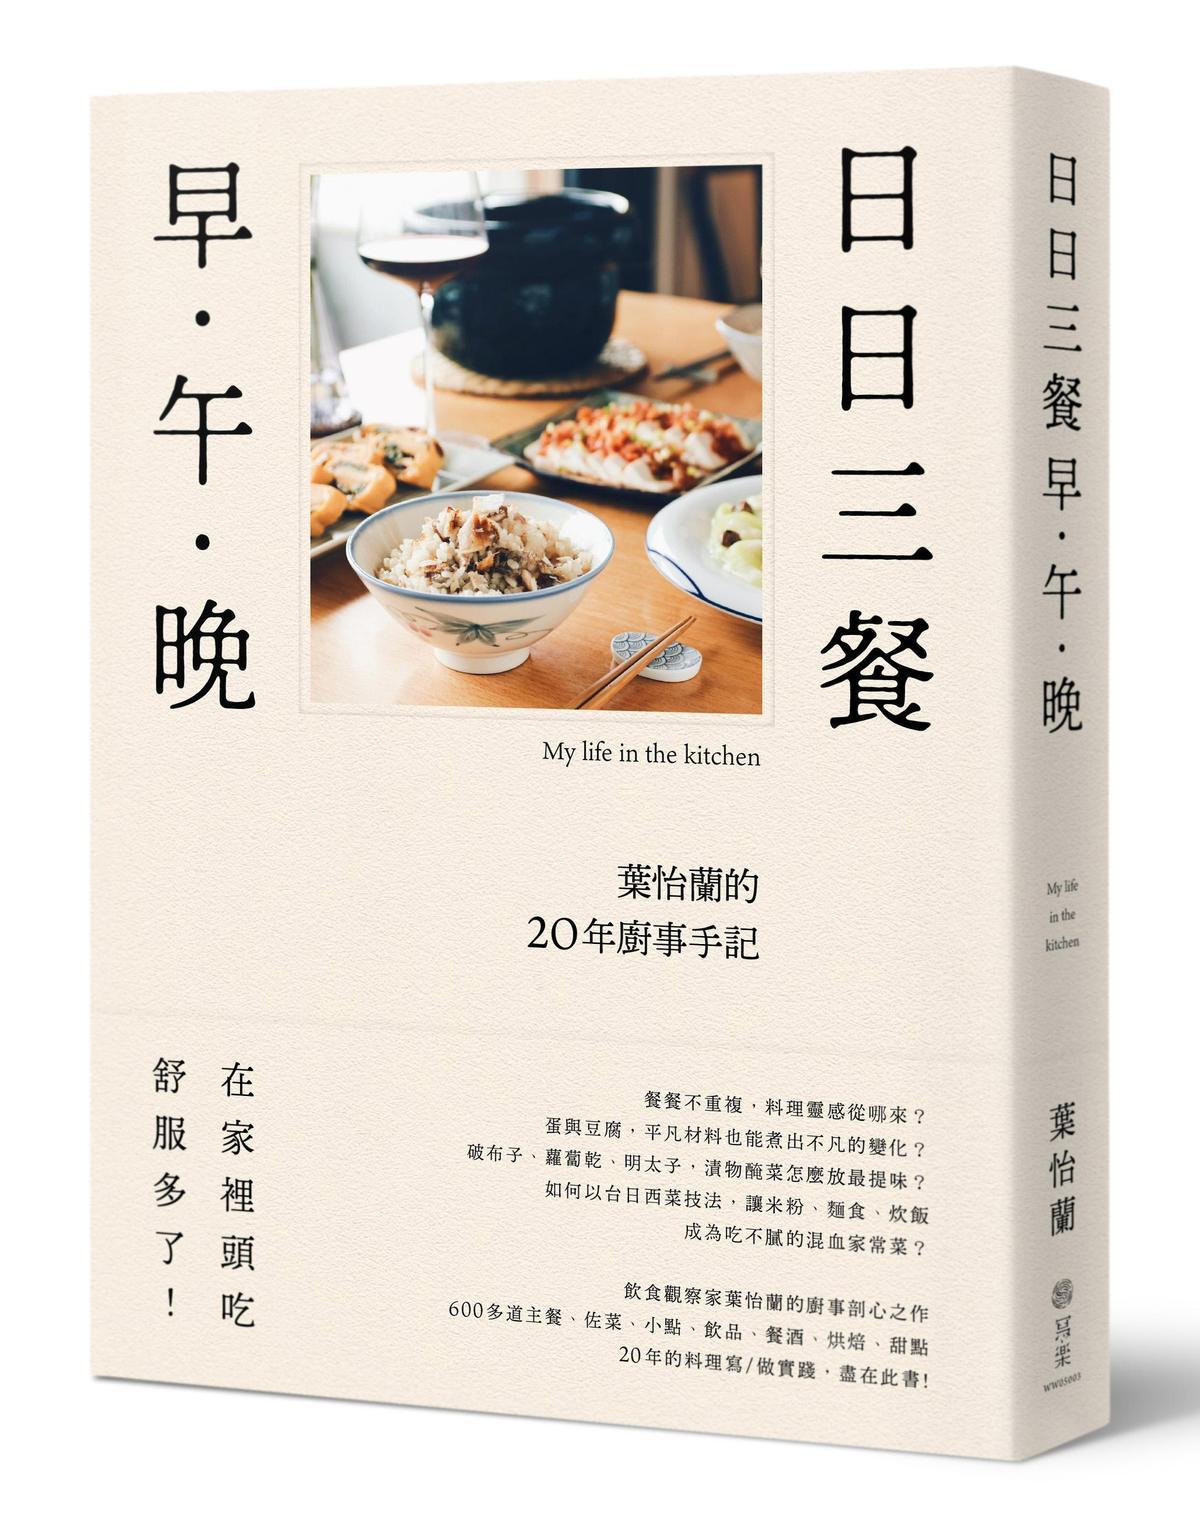 葉怡蘭新書《日日三餐,早‧午‧晚:葉怡蘭的20年廚事手記》。(寫樂文化出版提供)